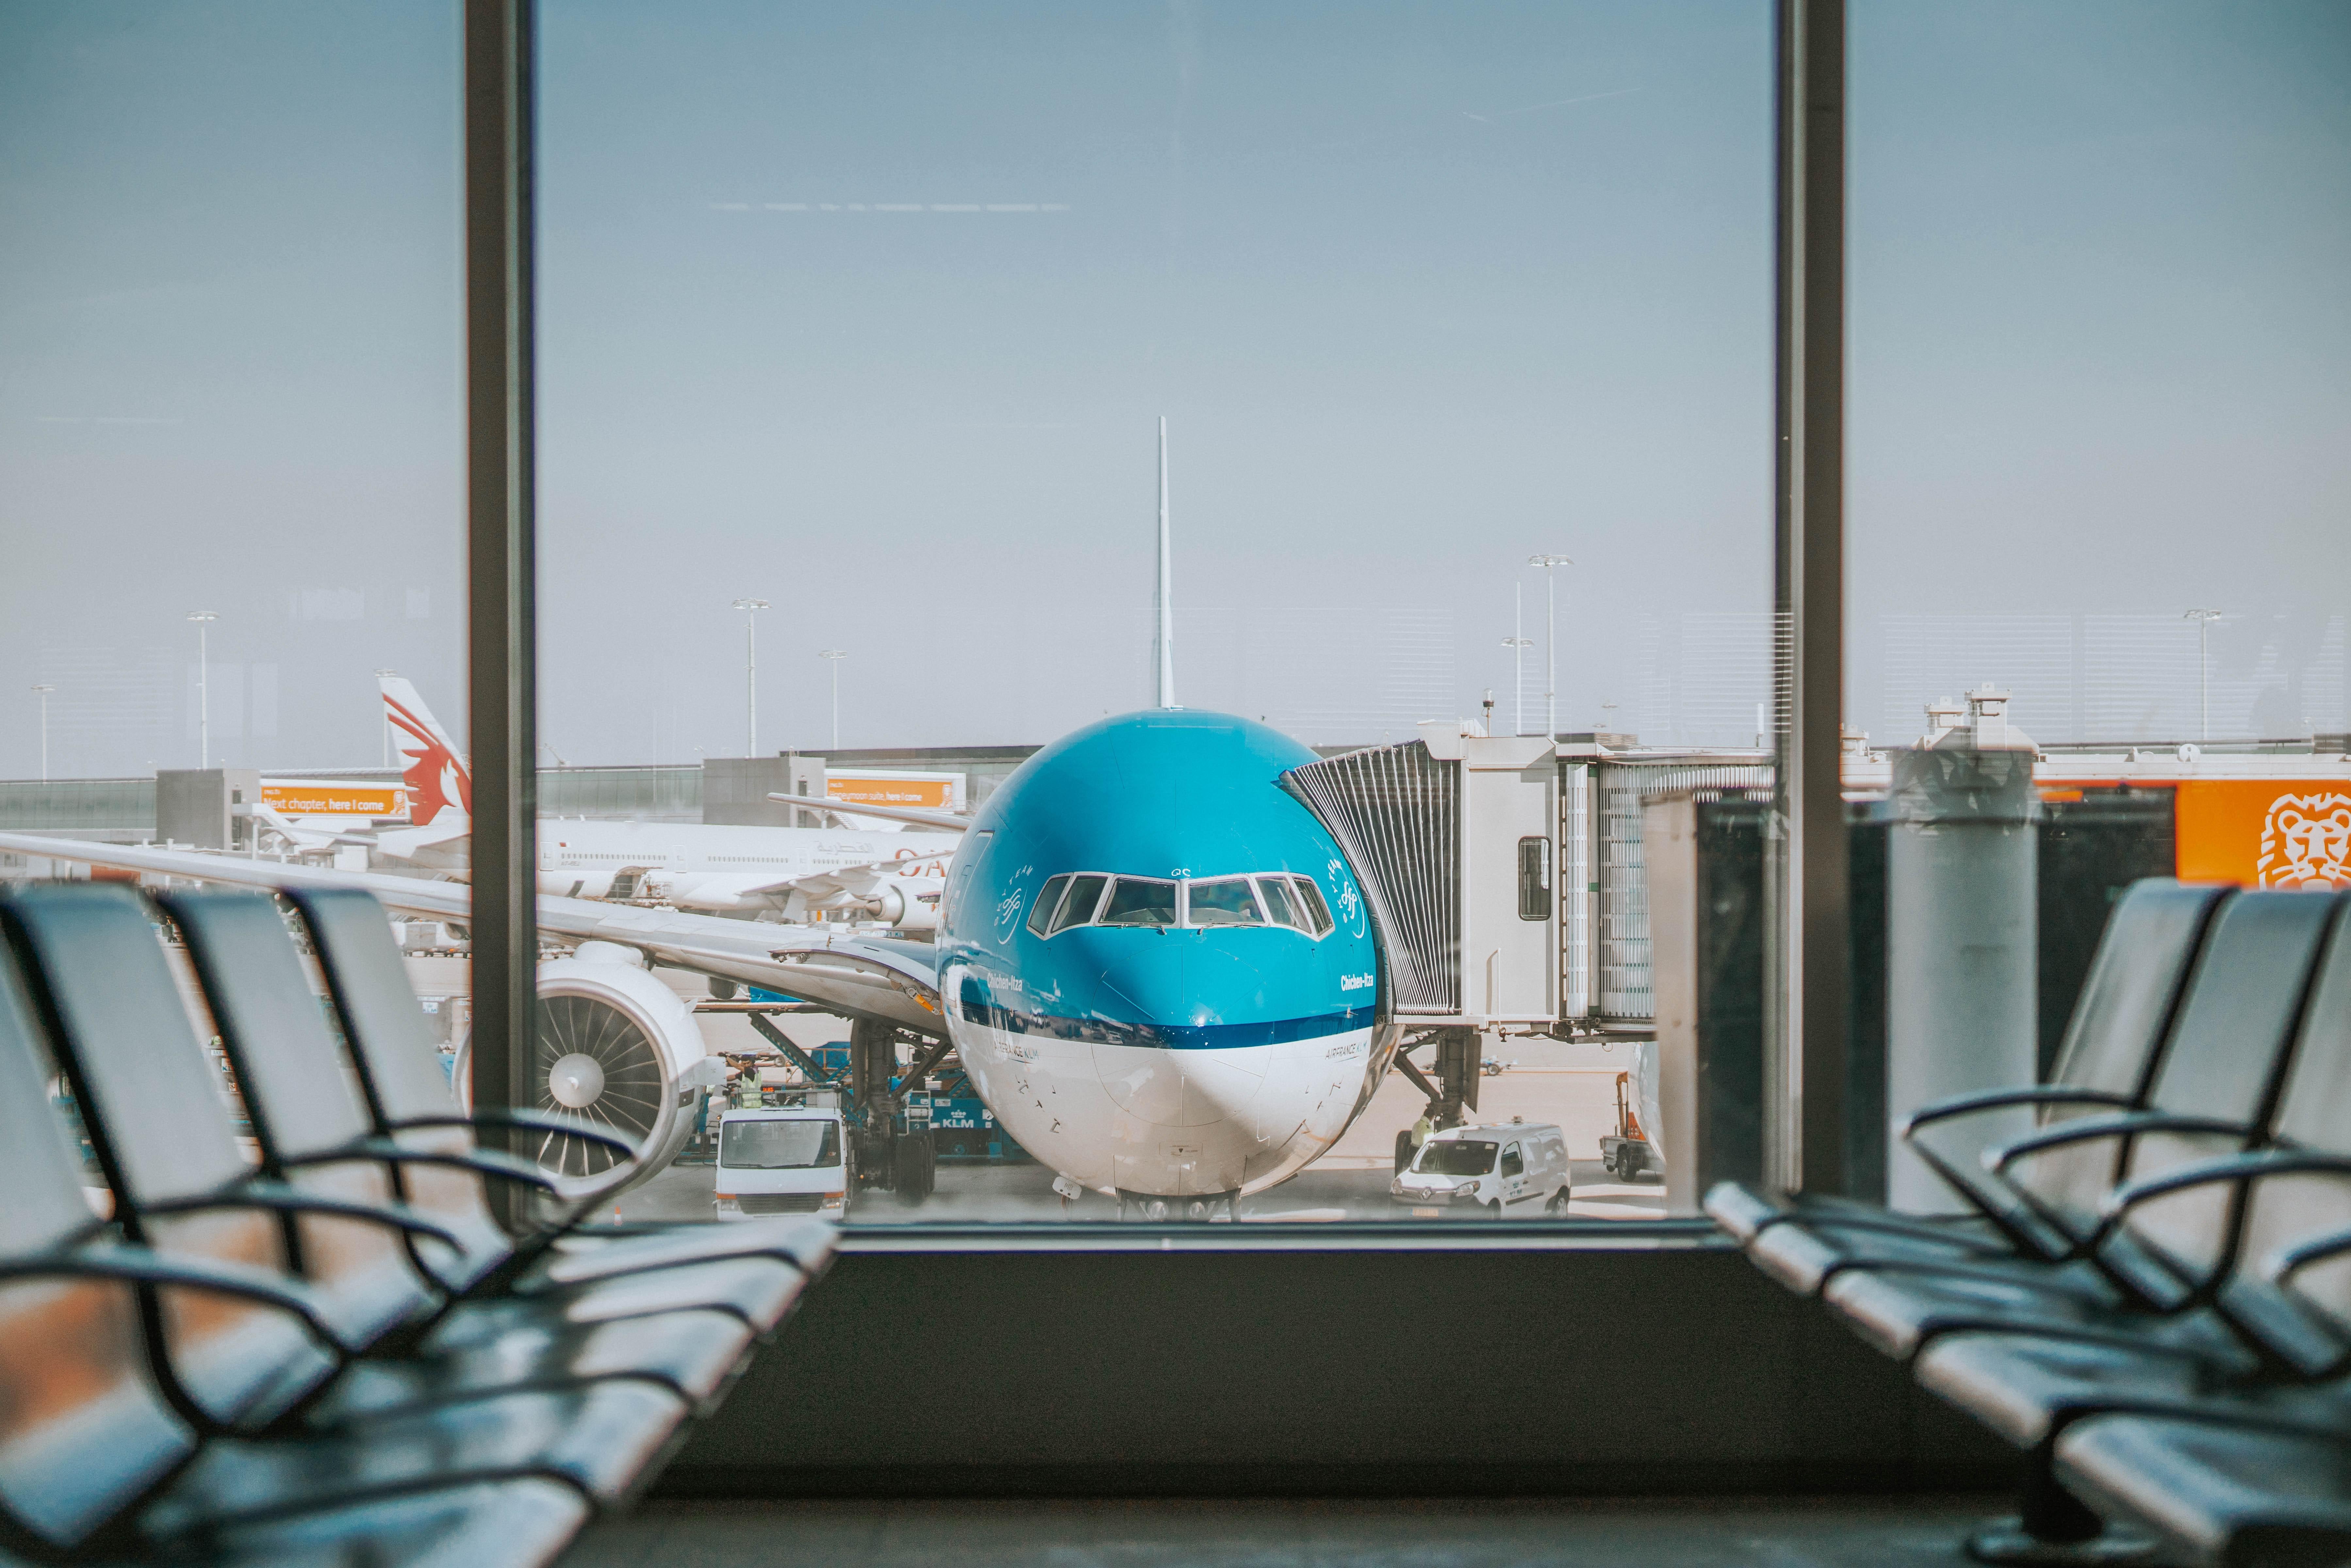 letadlo KLM na letišti